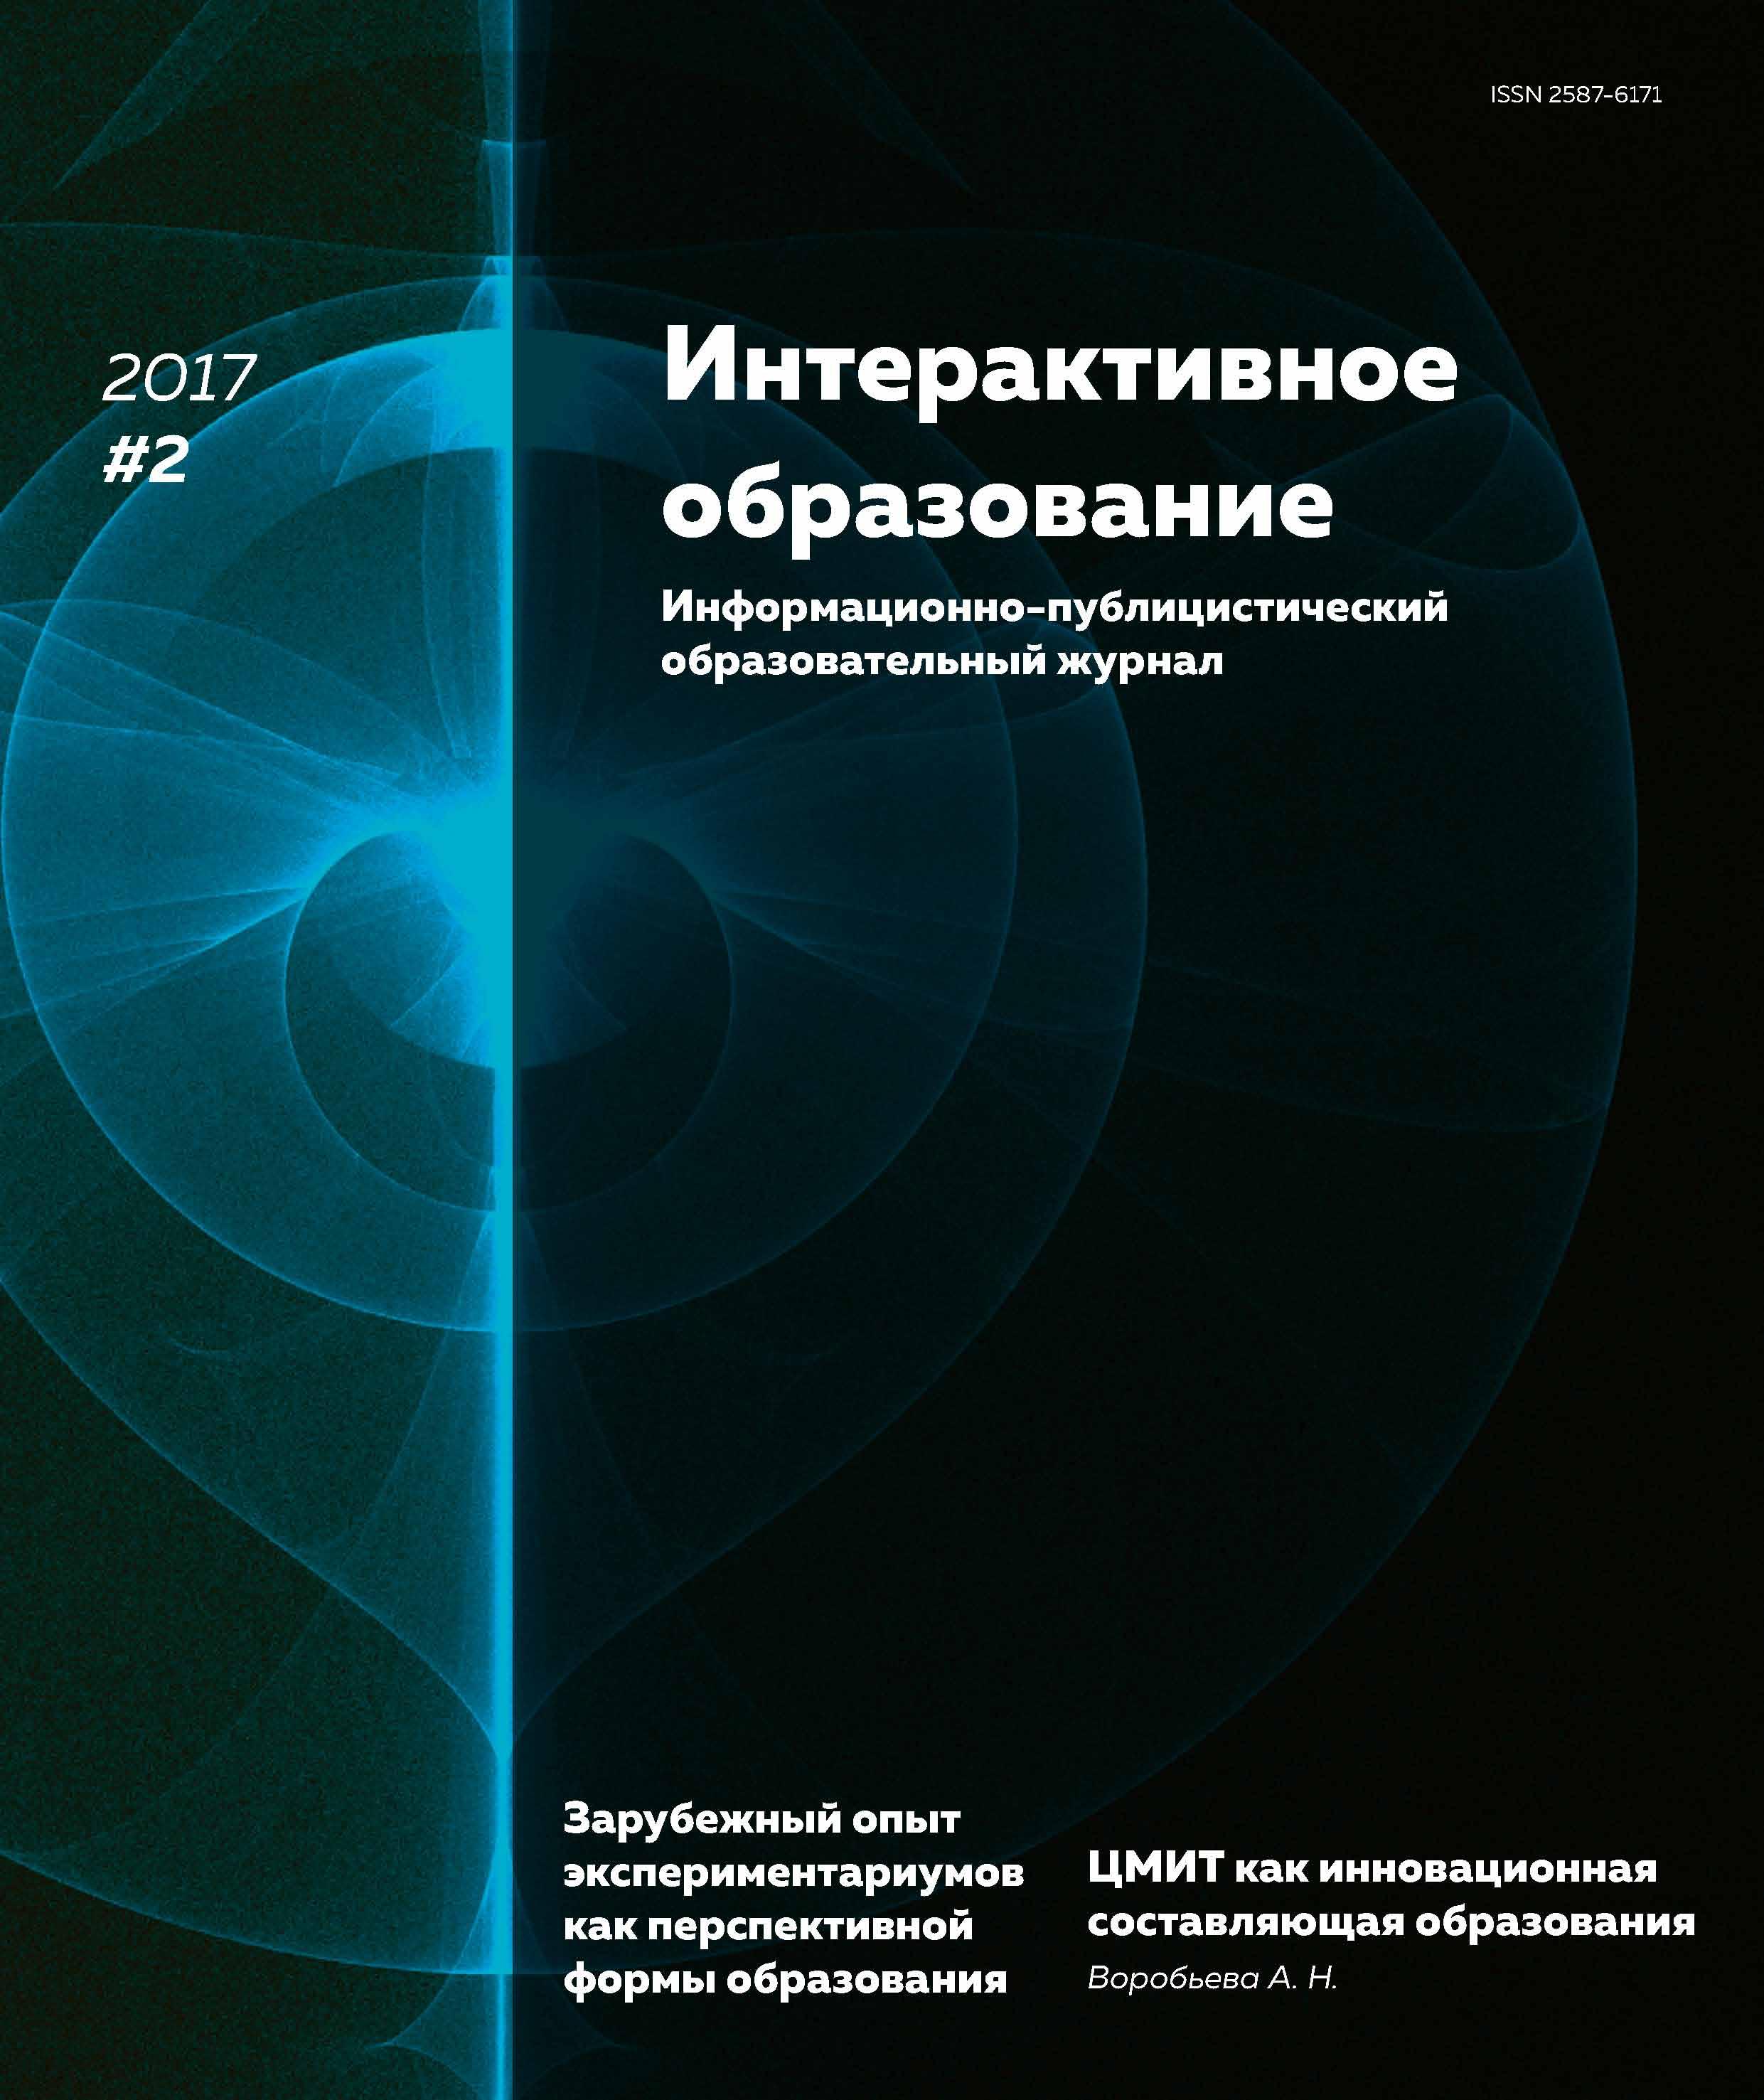 Интерактивное образование № 2 2017 г.